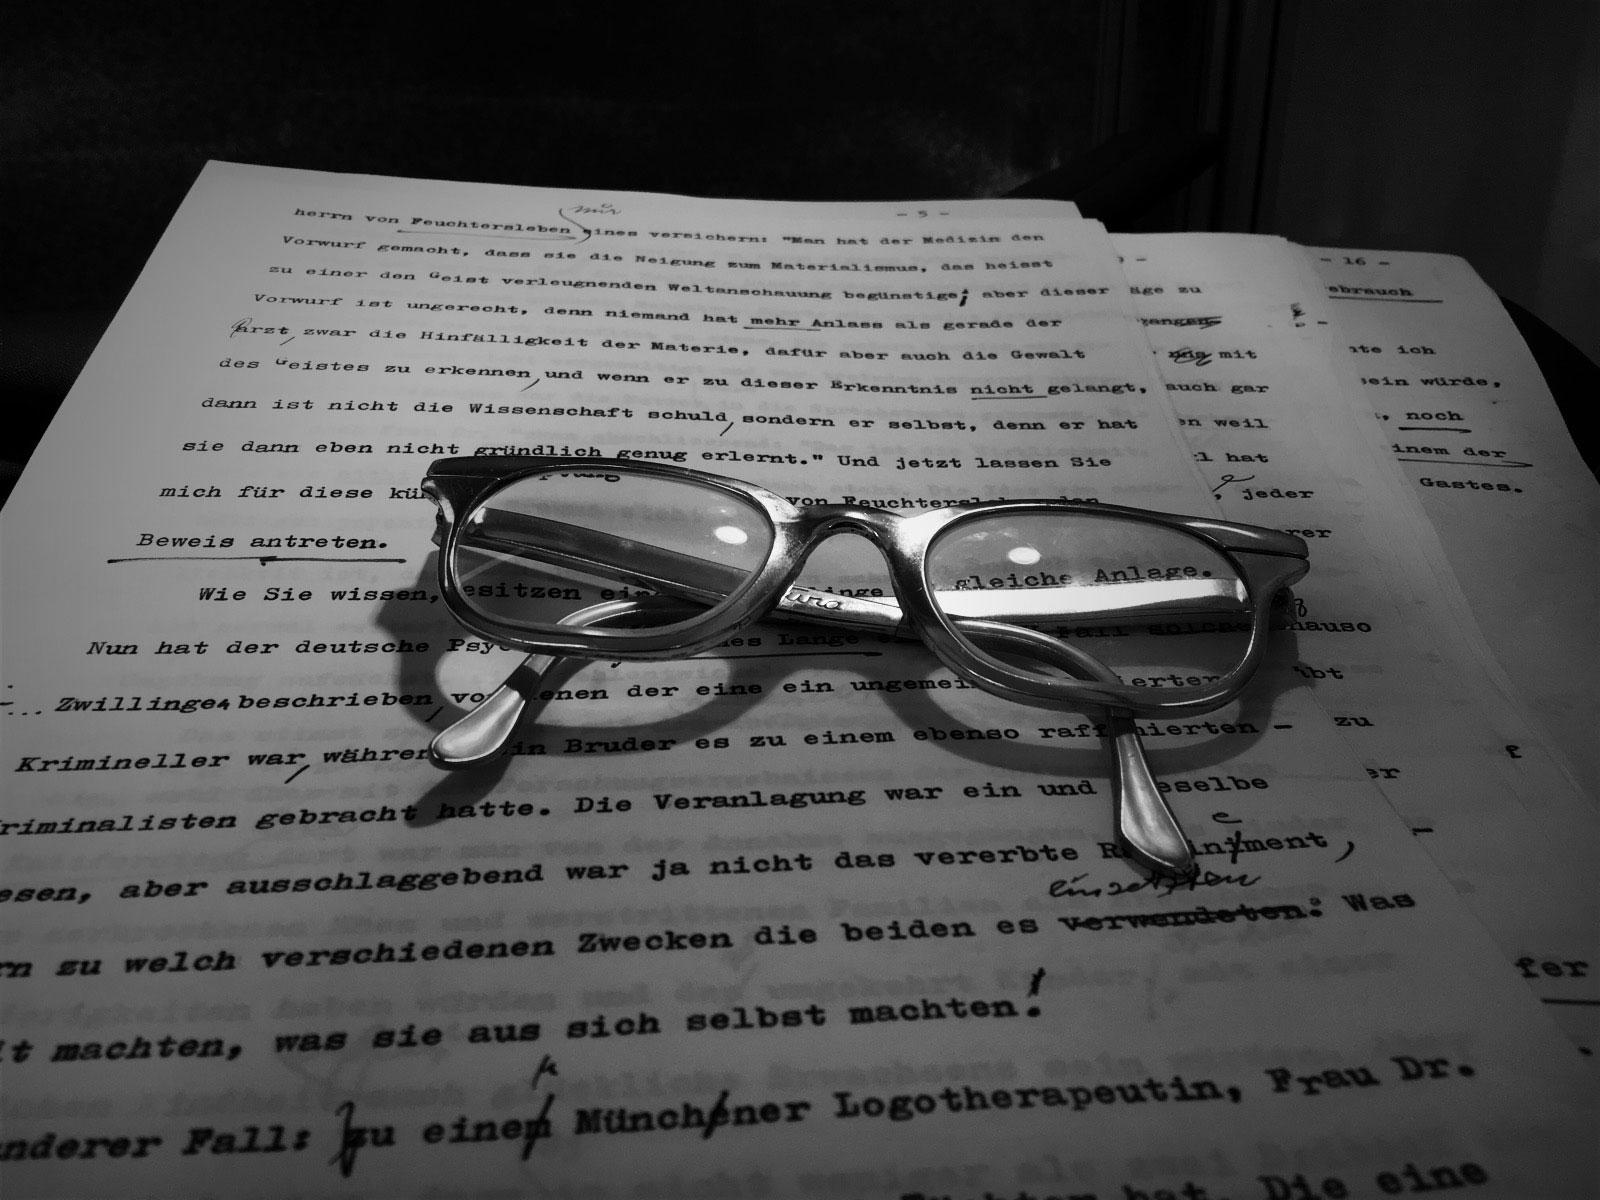 Viktor Frankl's glasses